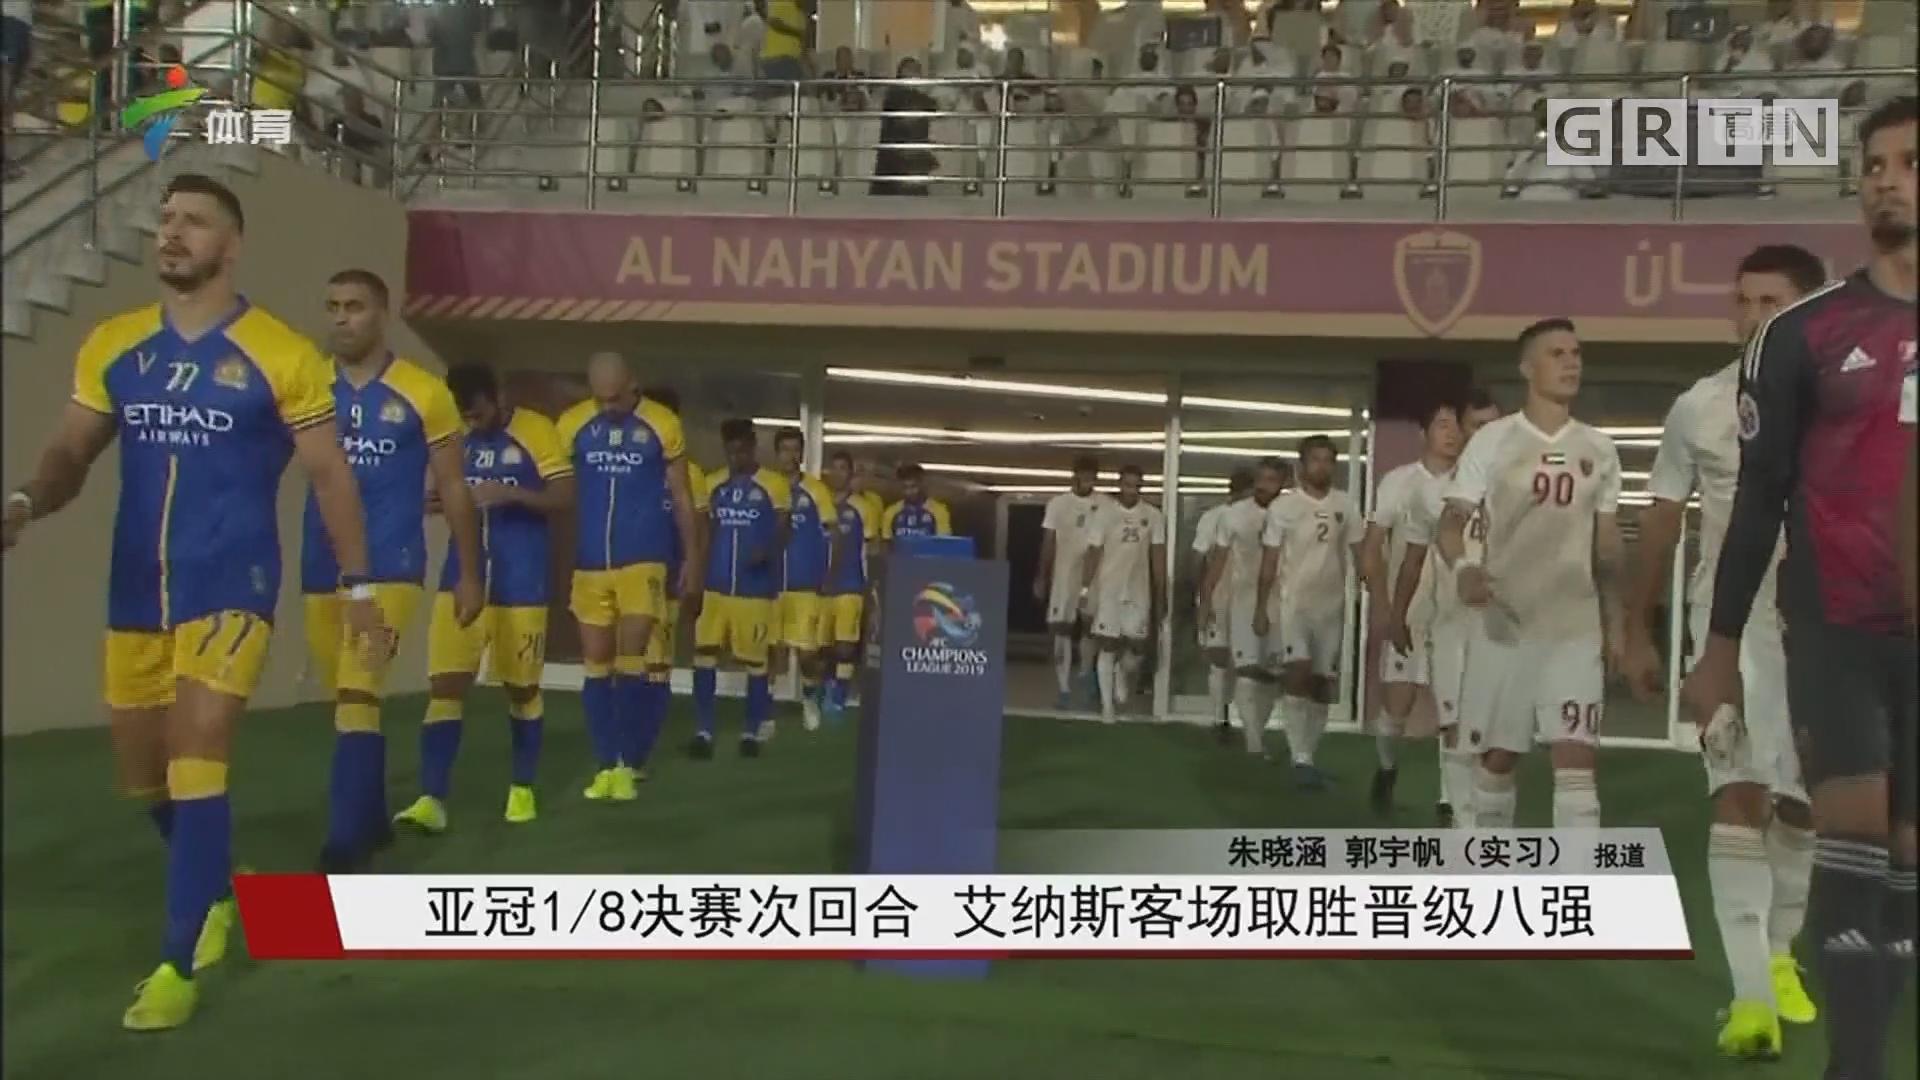 亚冠1/8决赛次回合 艾纳斯客场取胜晋级八强